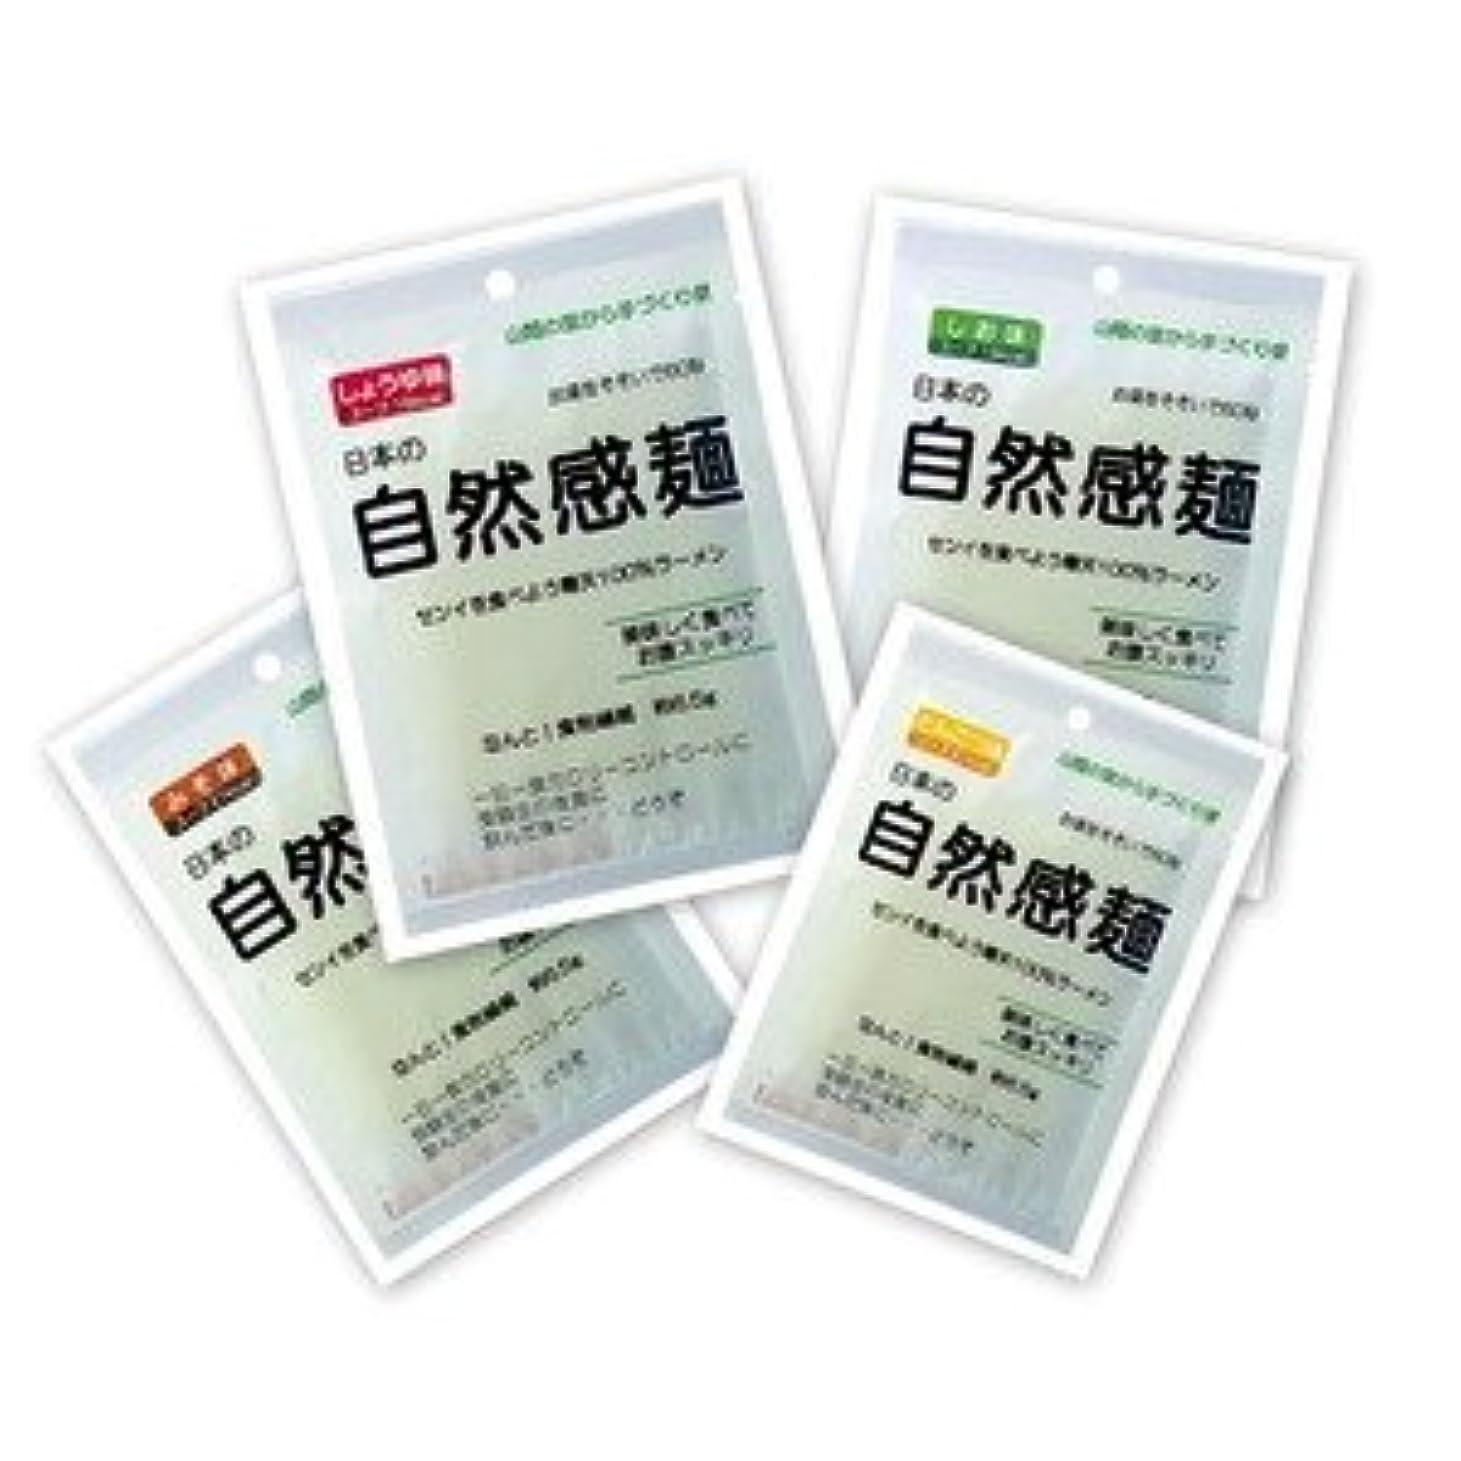 マキシム田舎効率的自然寒天ラーメン/ダイエット食品 【4味5食セット】 しょうゆ味?みそ味?しお味?とんこつ味 日本製